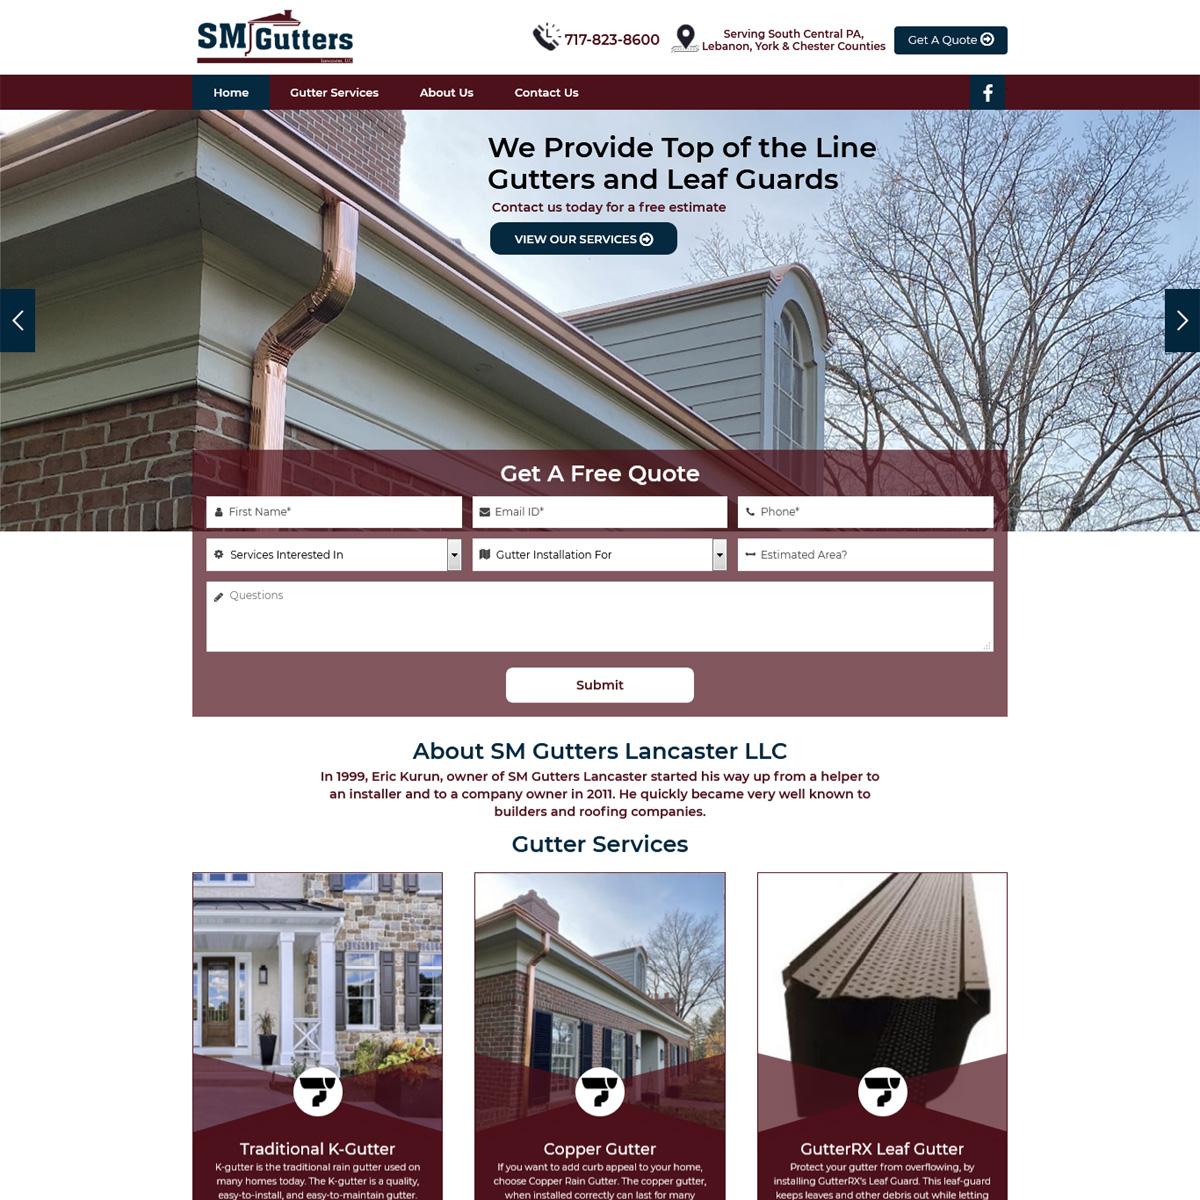 SM Gutters Website Design